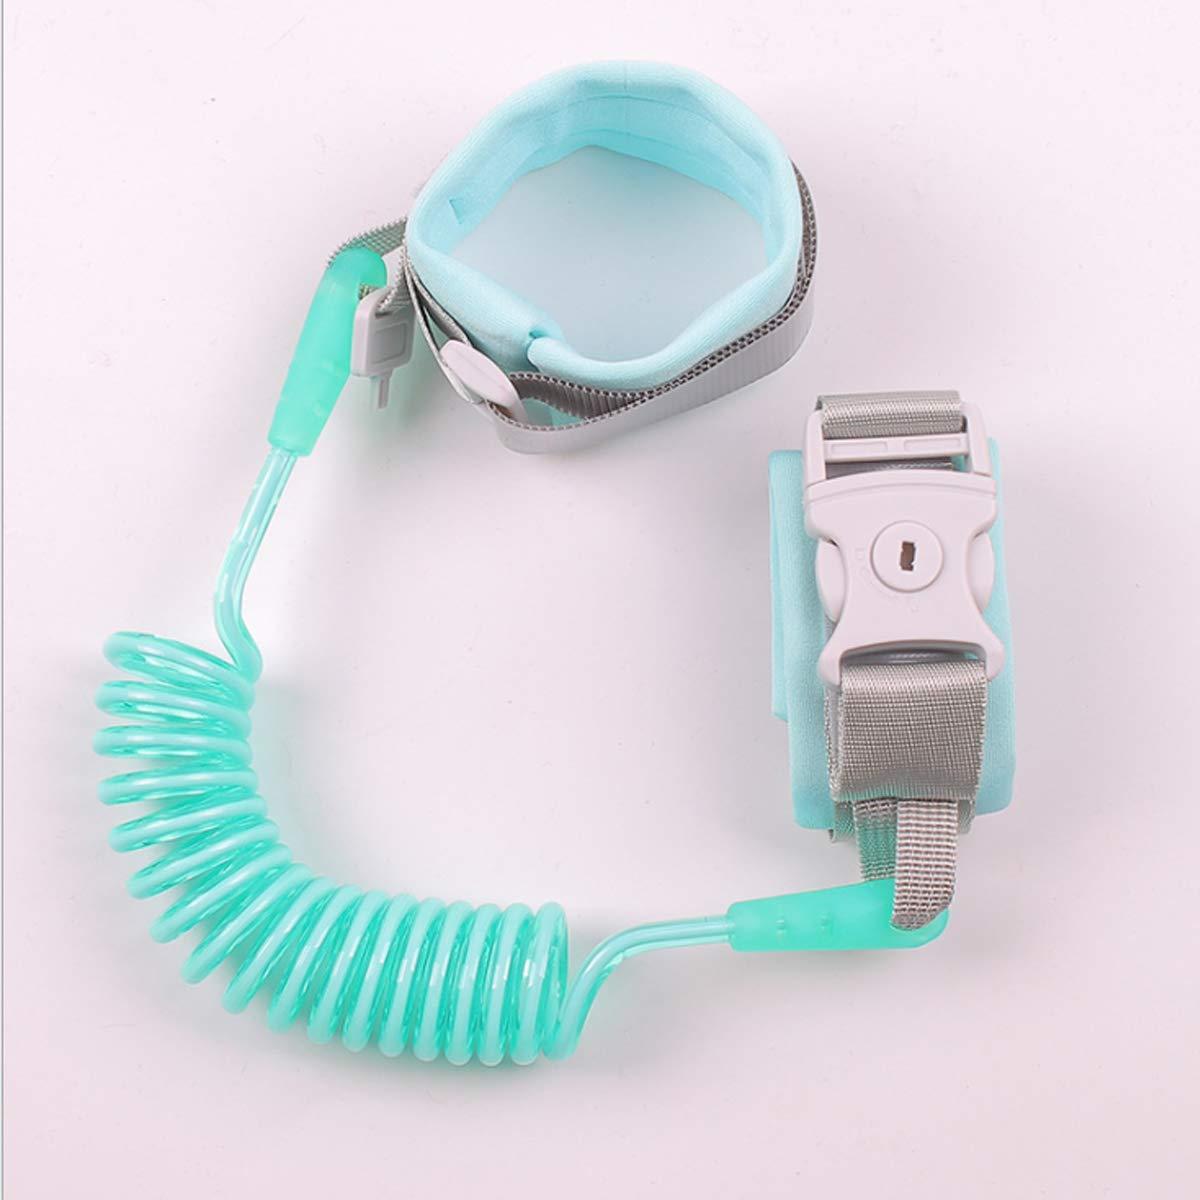 Anti-Loss Strap Wrist Link Hand Harness Leash Band Safety,Handgelenk G/ürtel Link f/ür Kleinkinder 1.5M Gr/ün Kinder Anti-verloren Handgelenk G/ürtel Anti-Verloren Sicherheitsleinen